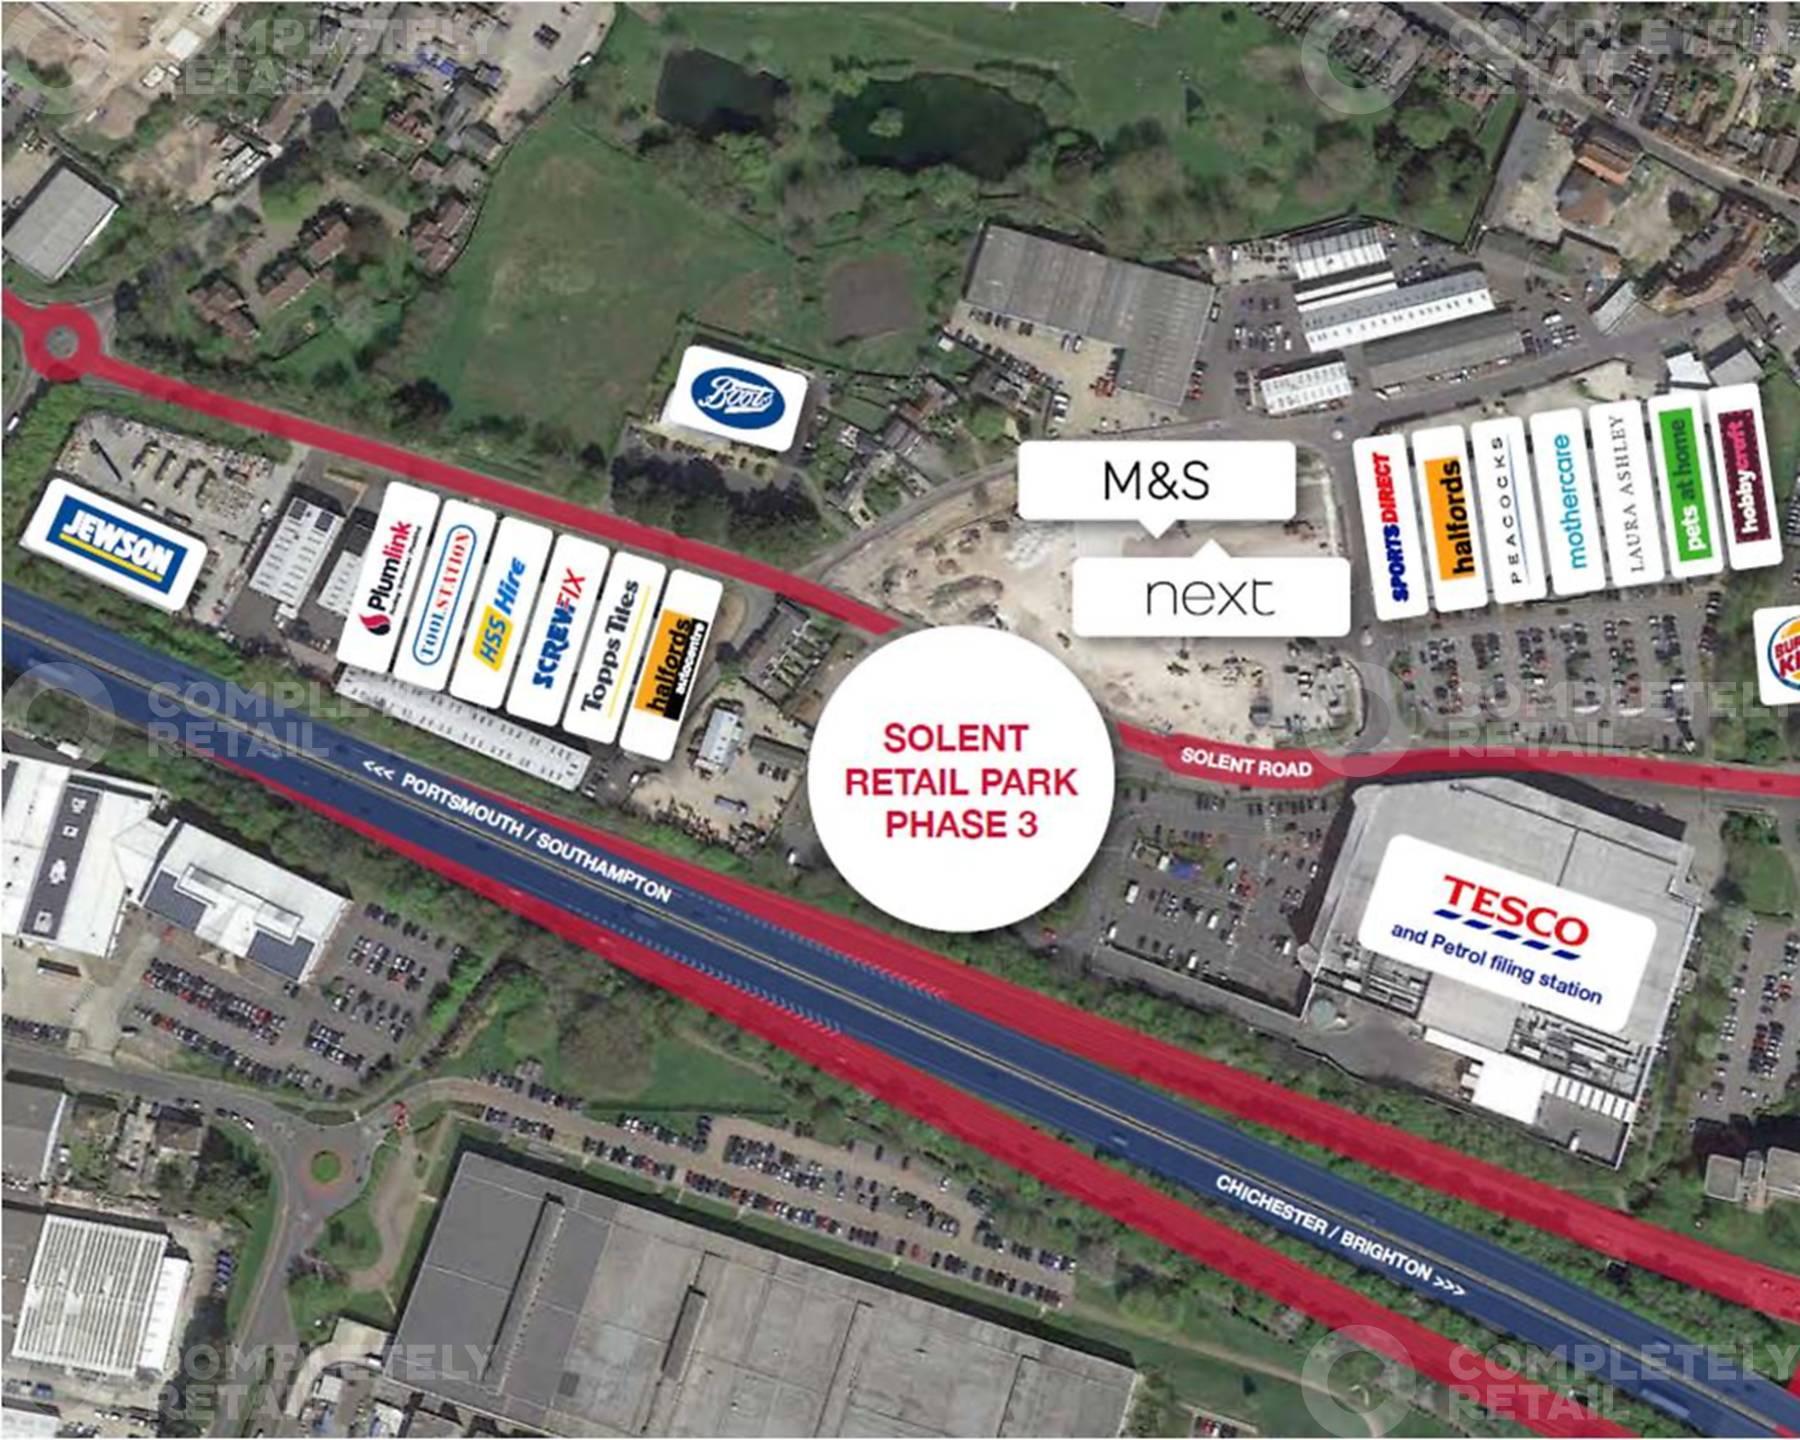 Solent Retail Park - Phase 3